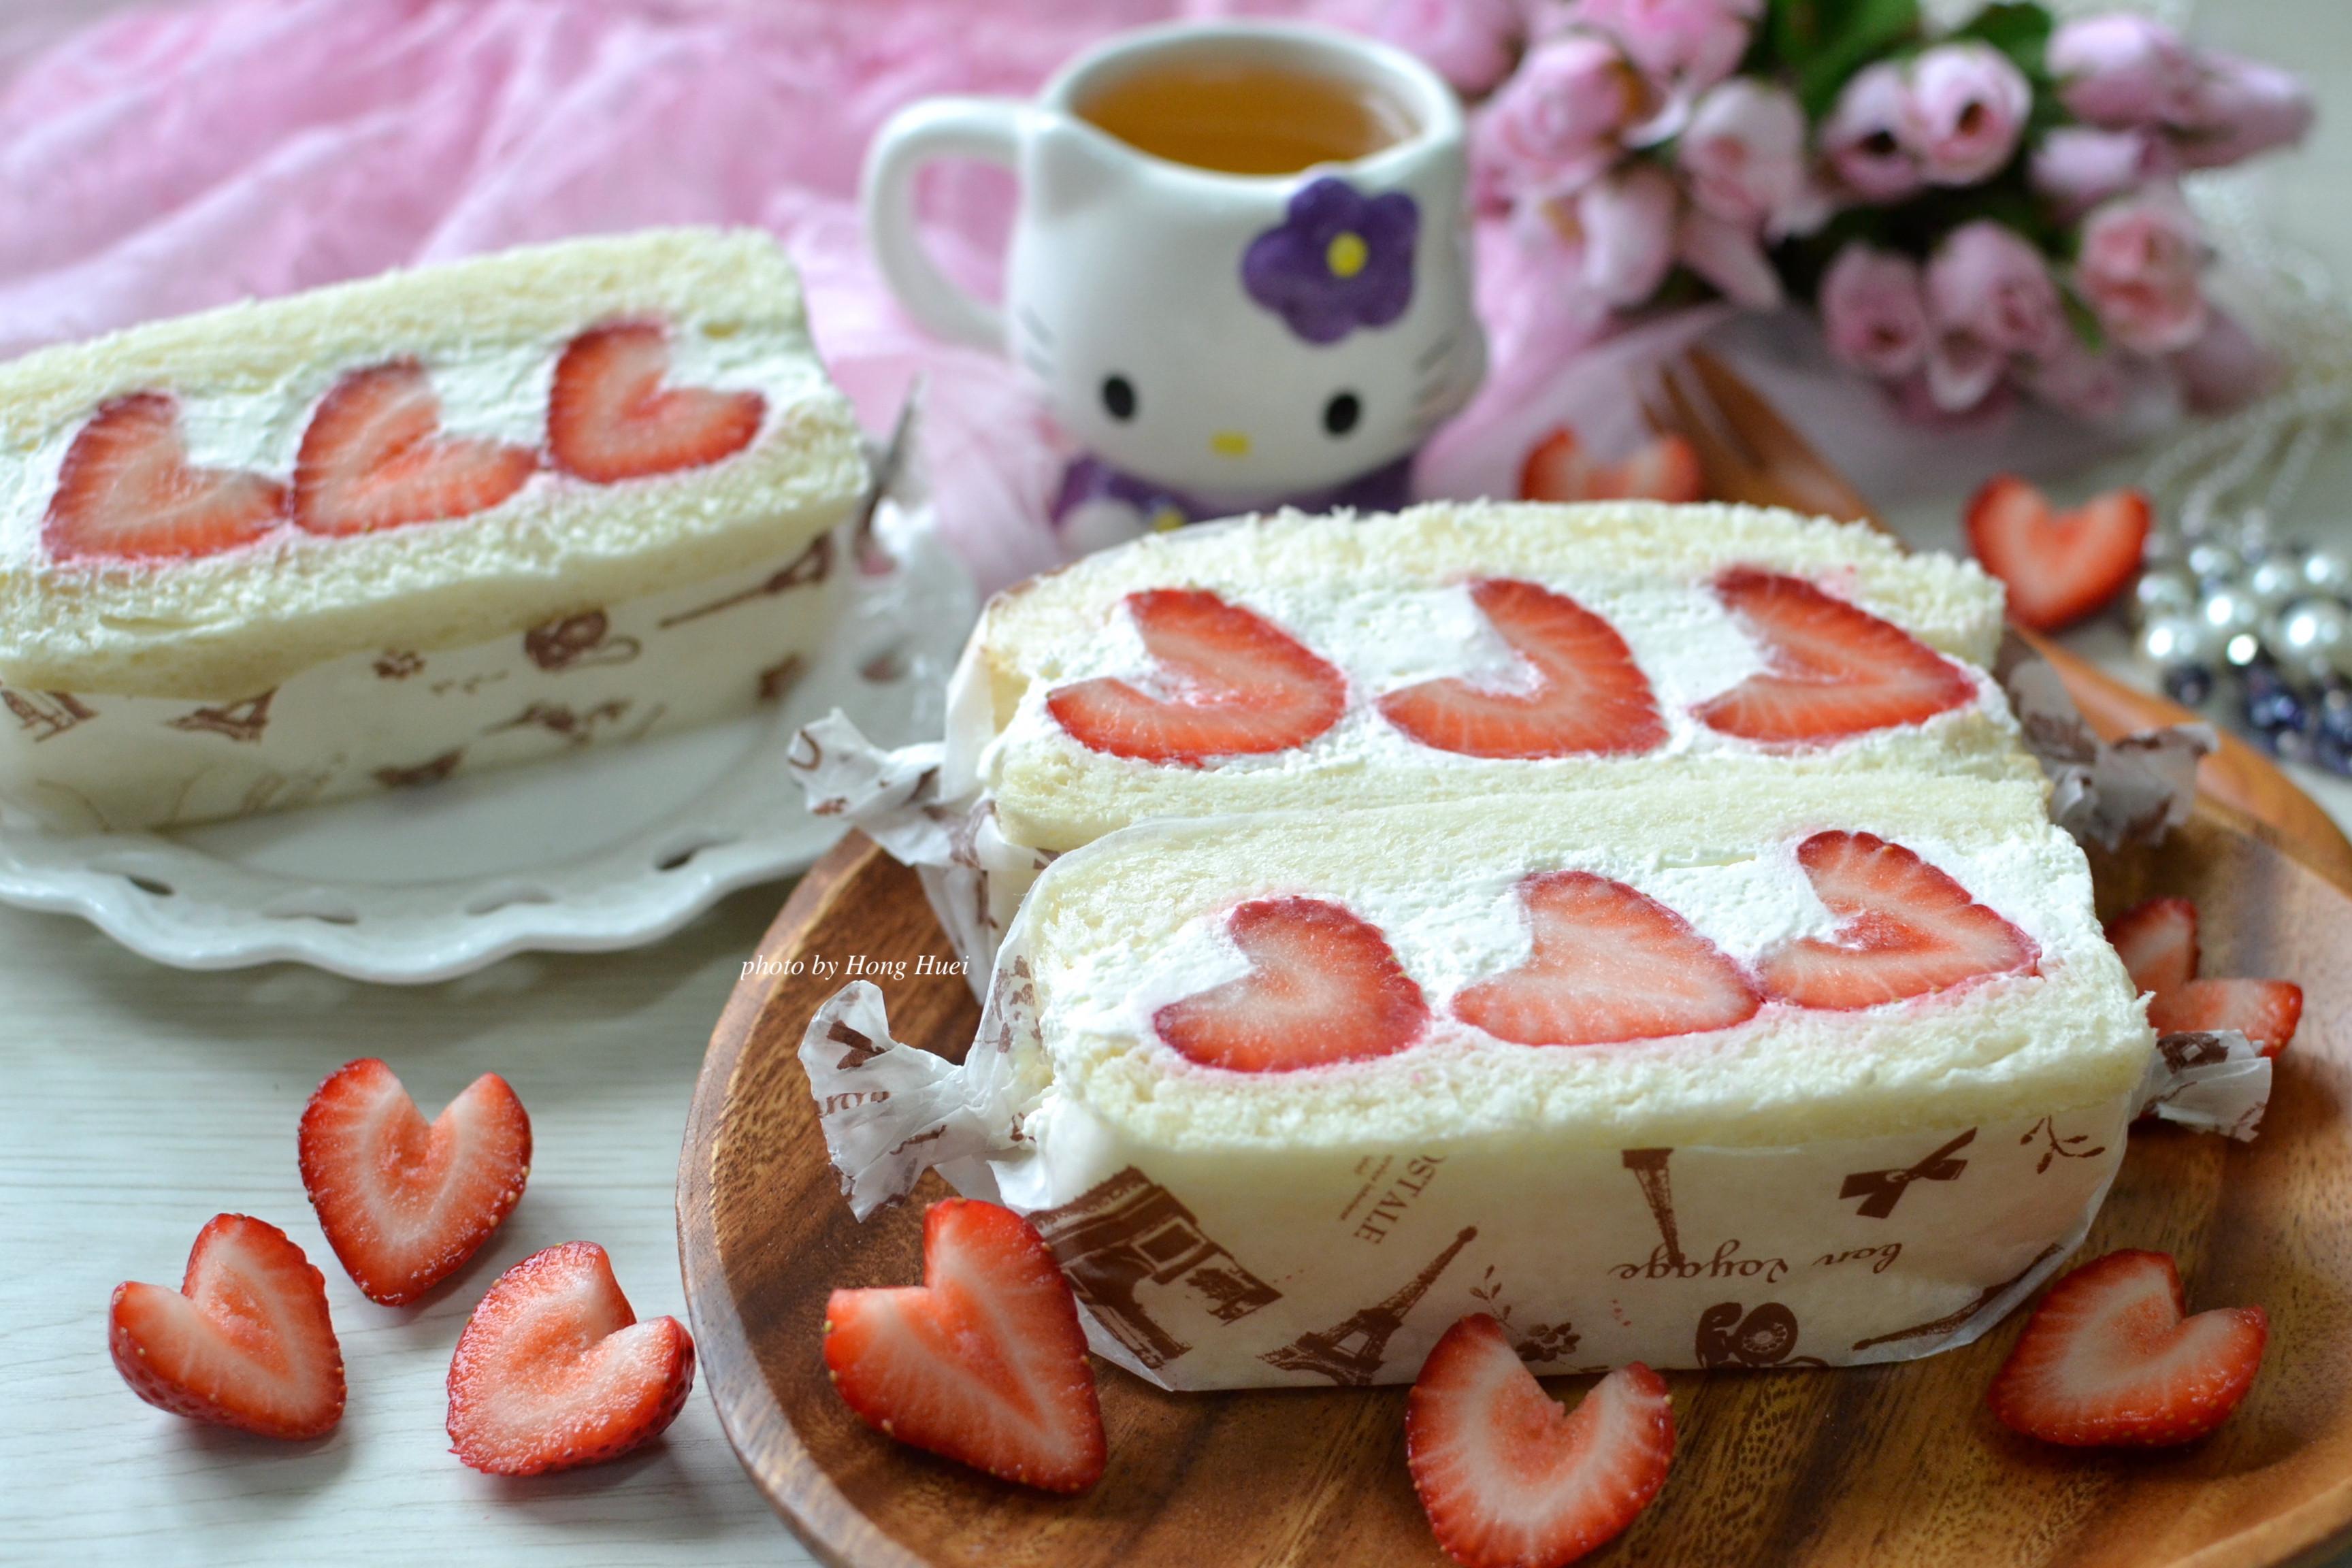 愛心草莓鮮奶油三明治